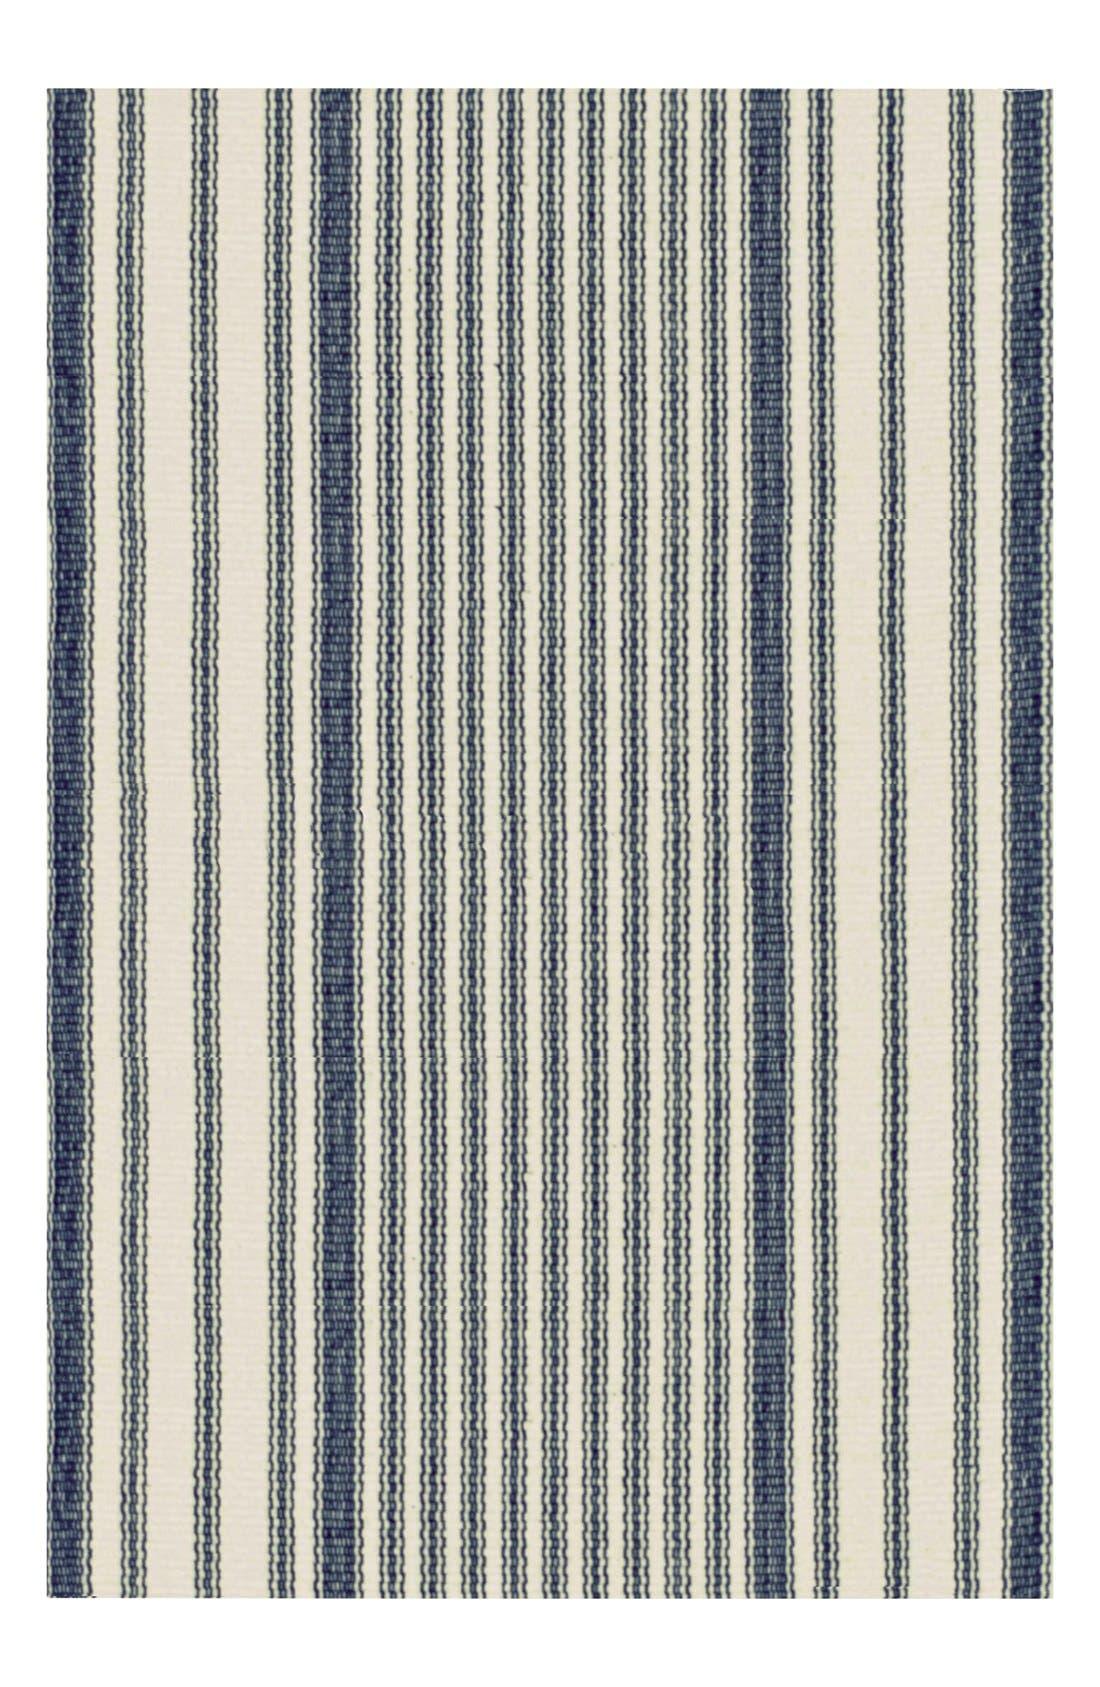 Main Image - Dash & Albert Stripe Ticking Rug